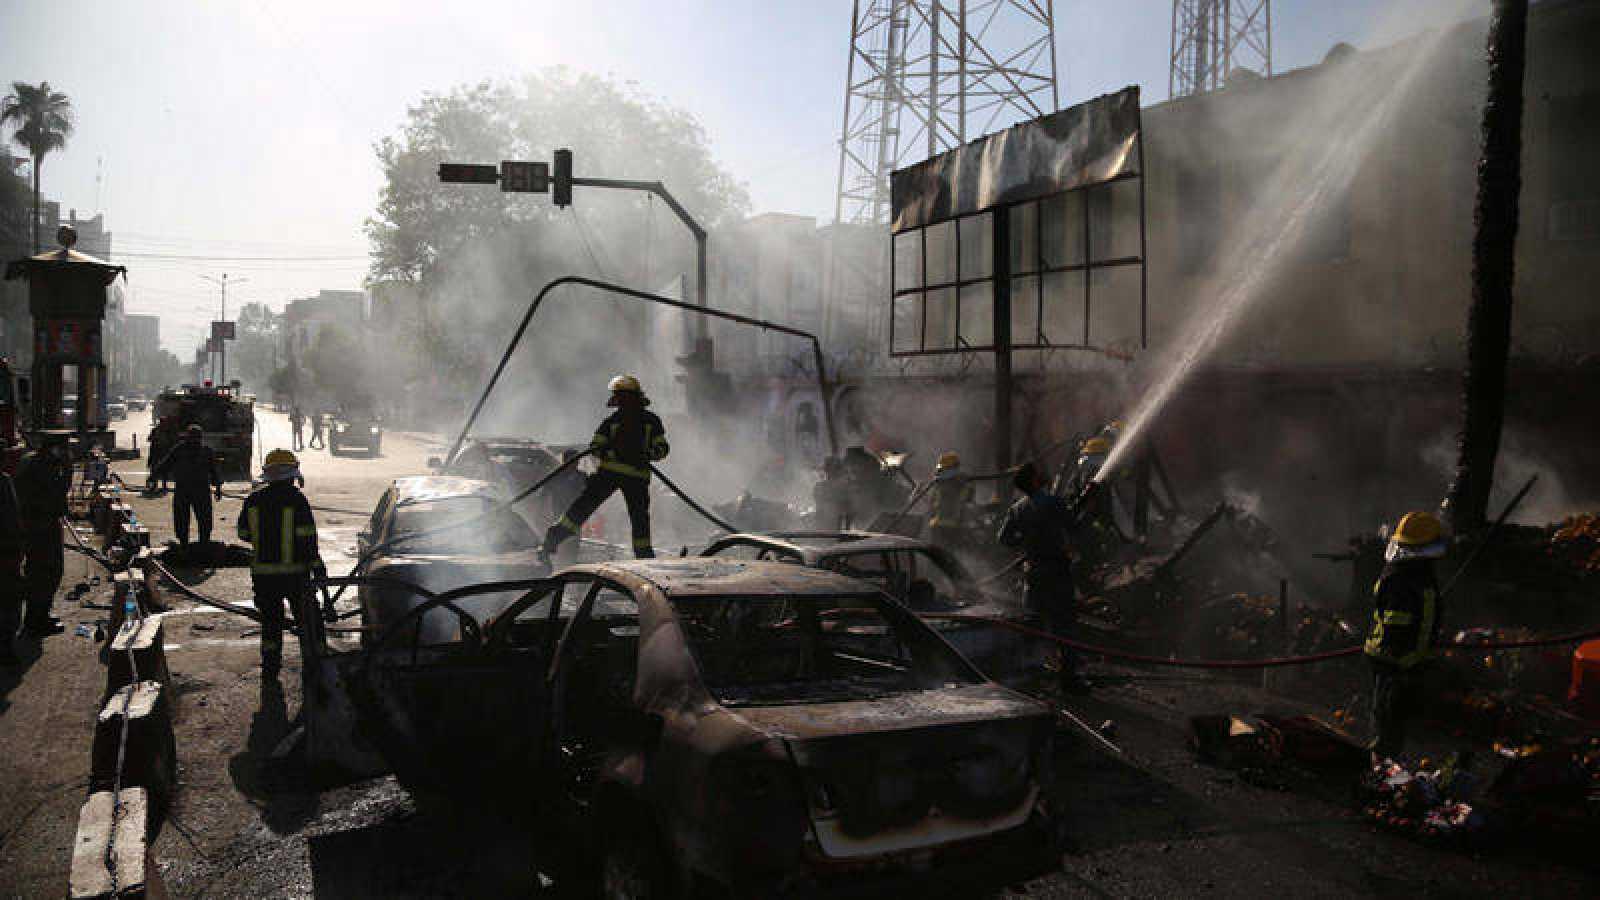 Los bomberos trabajan en el lugar del atentado, en Jalalabad